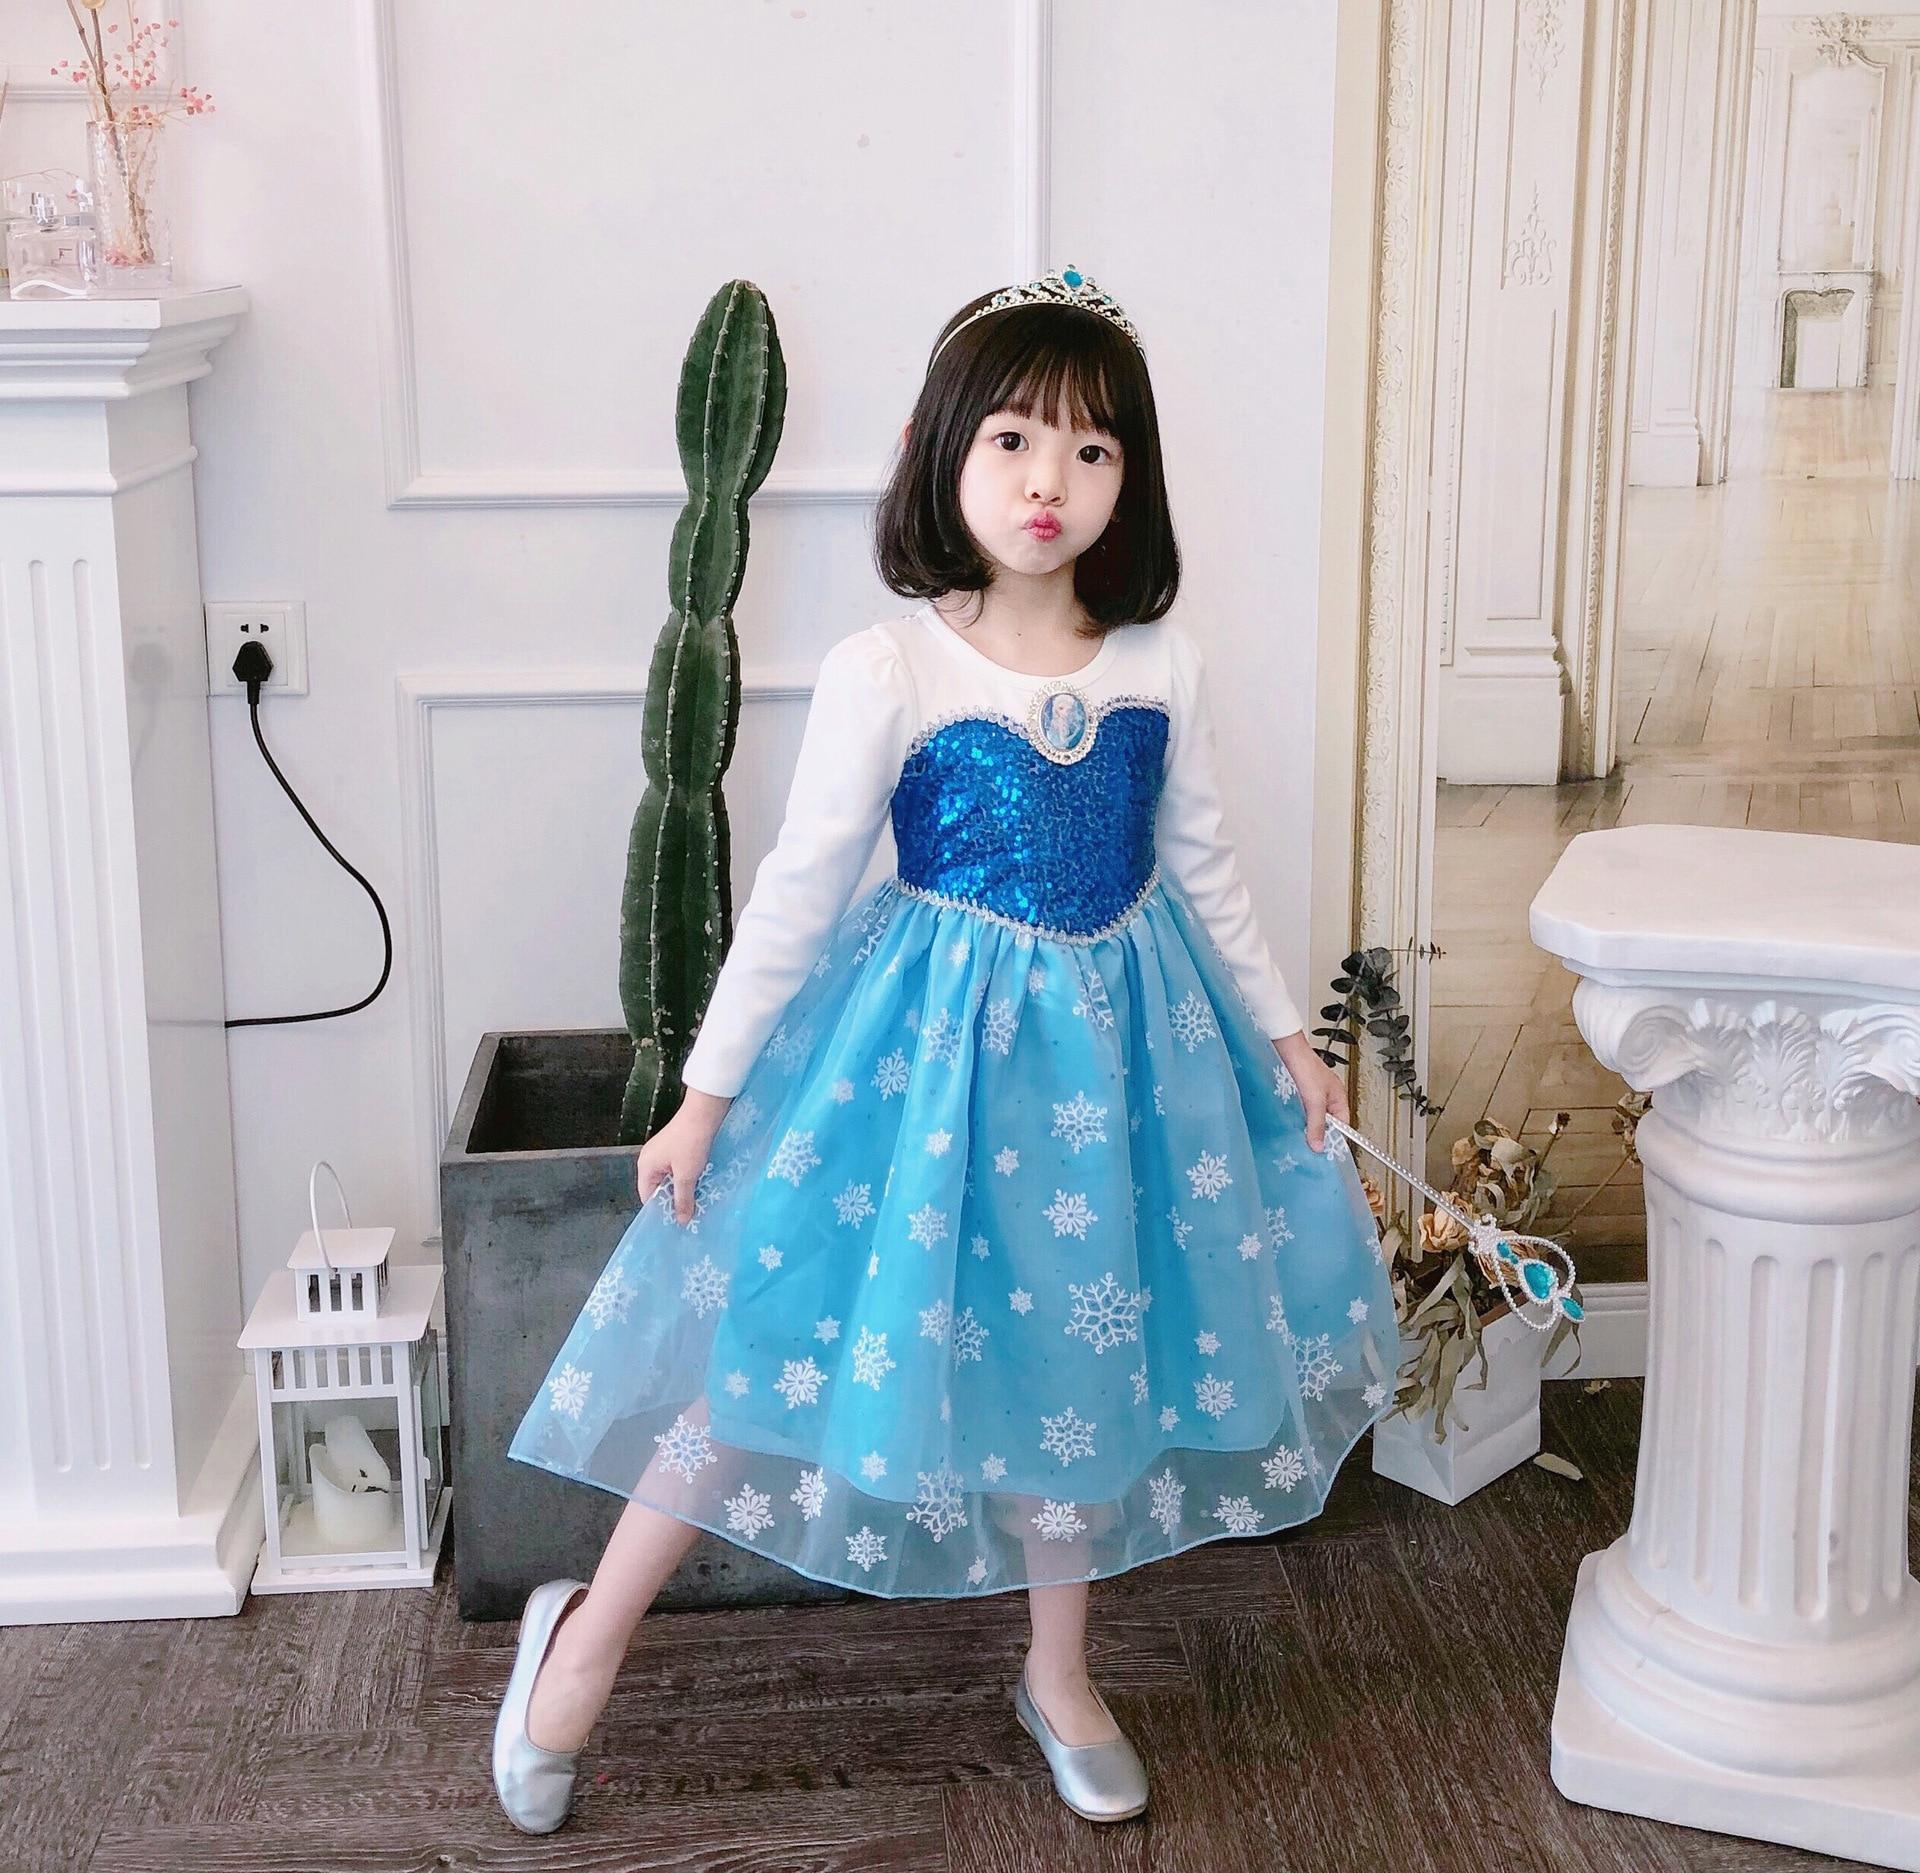 Disney dzieci sukienki dla dziewczynek księżniczka sukienka boże narodzenie Halloween odzież dziecięca elegancka mrożona jesień Cartoon 1736B